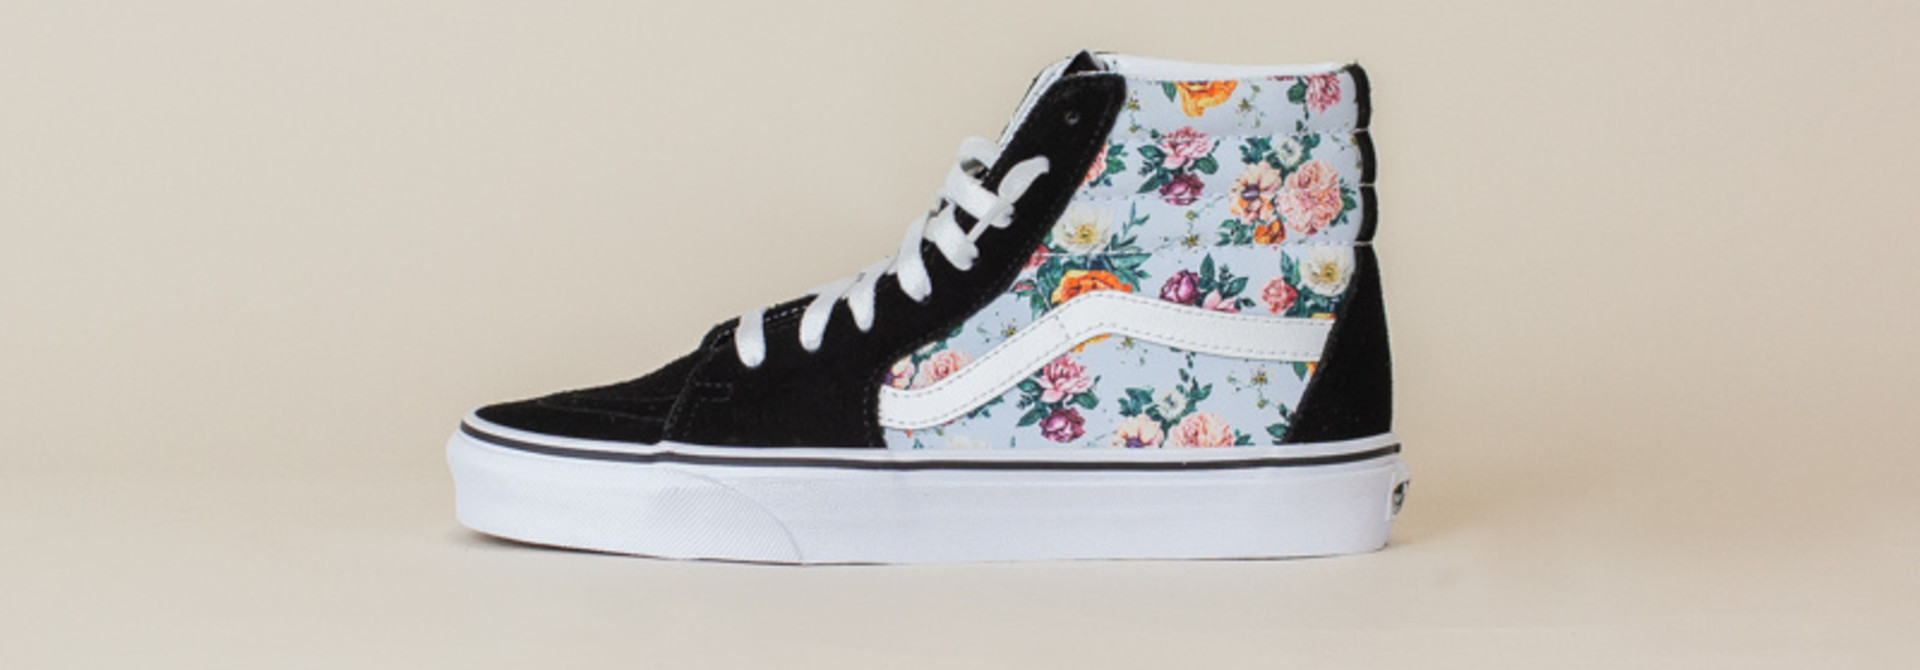 Vans Sk8-Hi - Black/Garden Floral